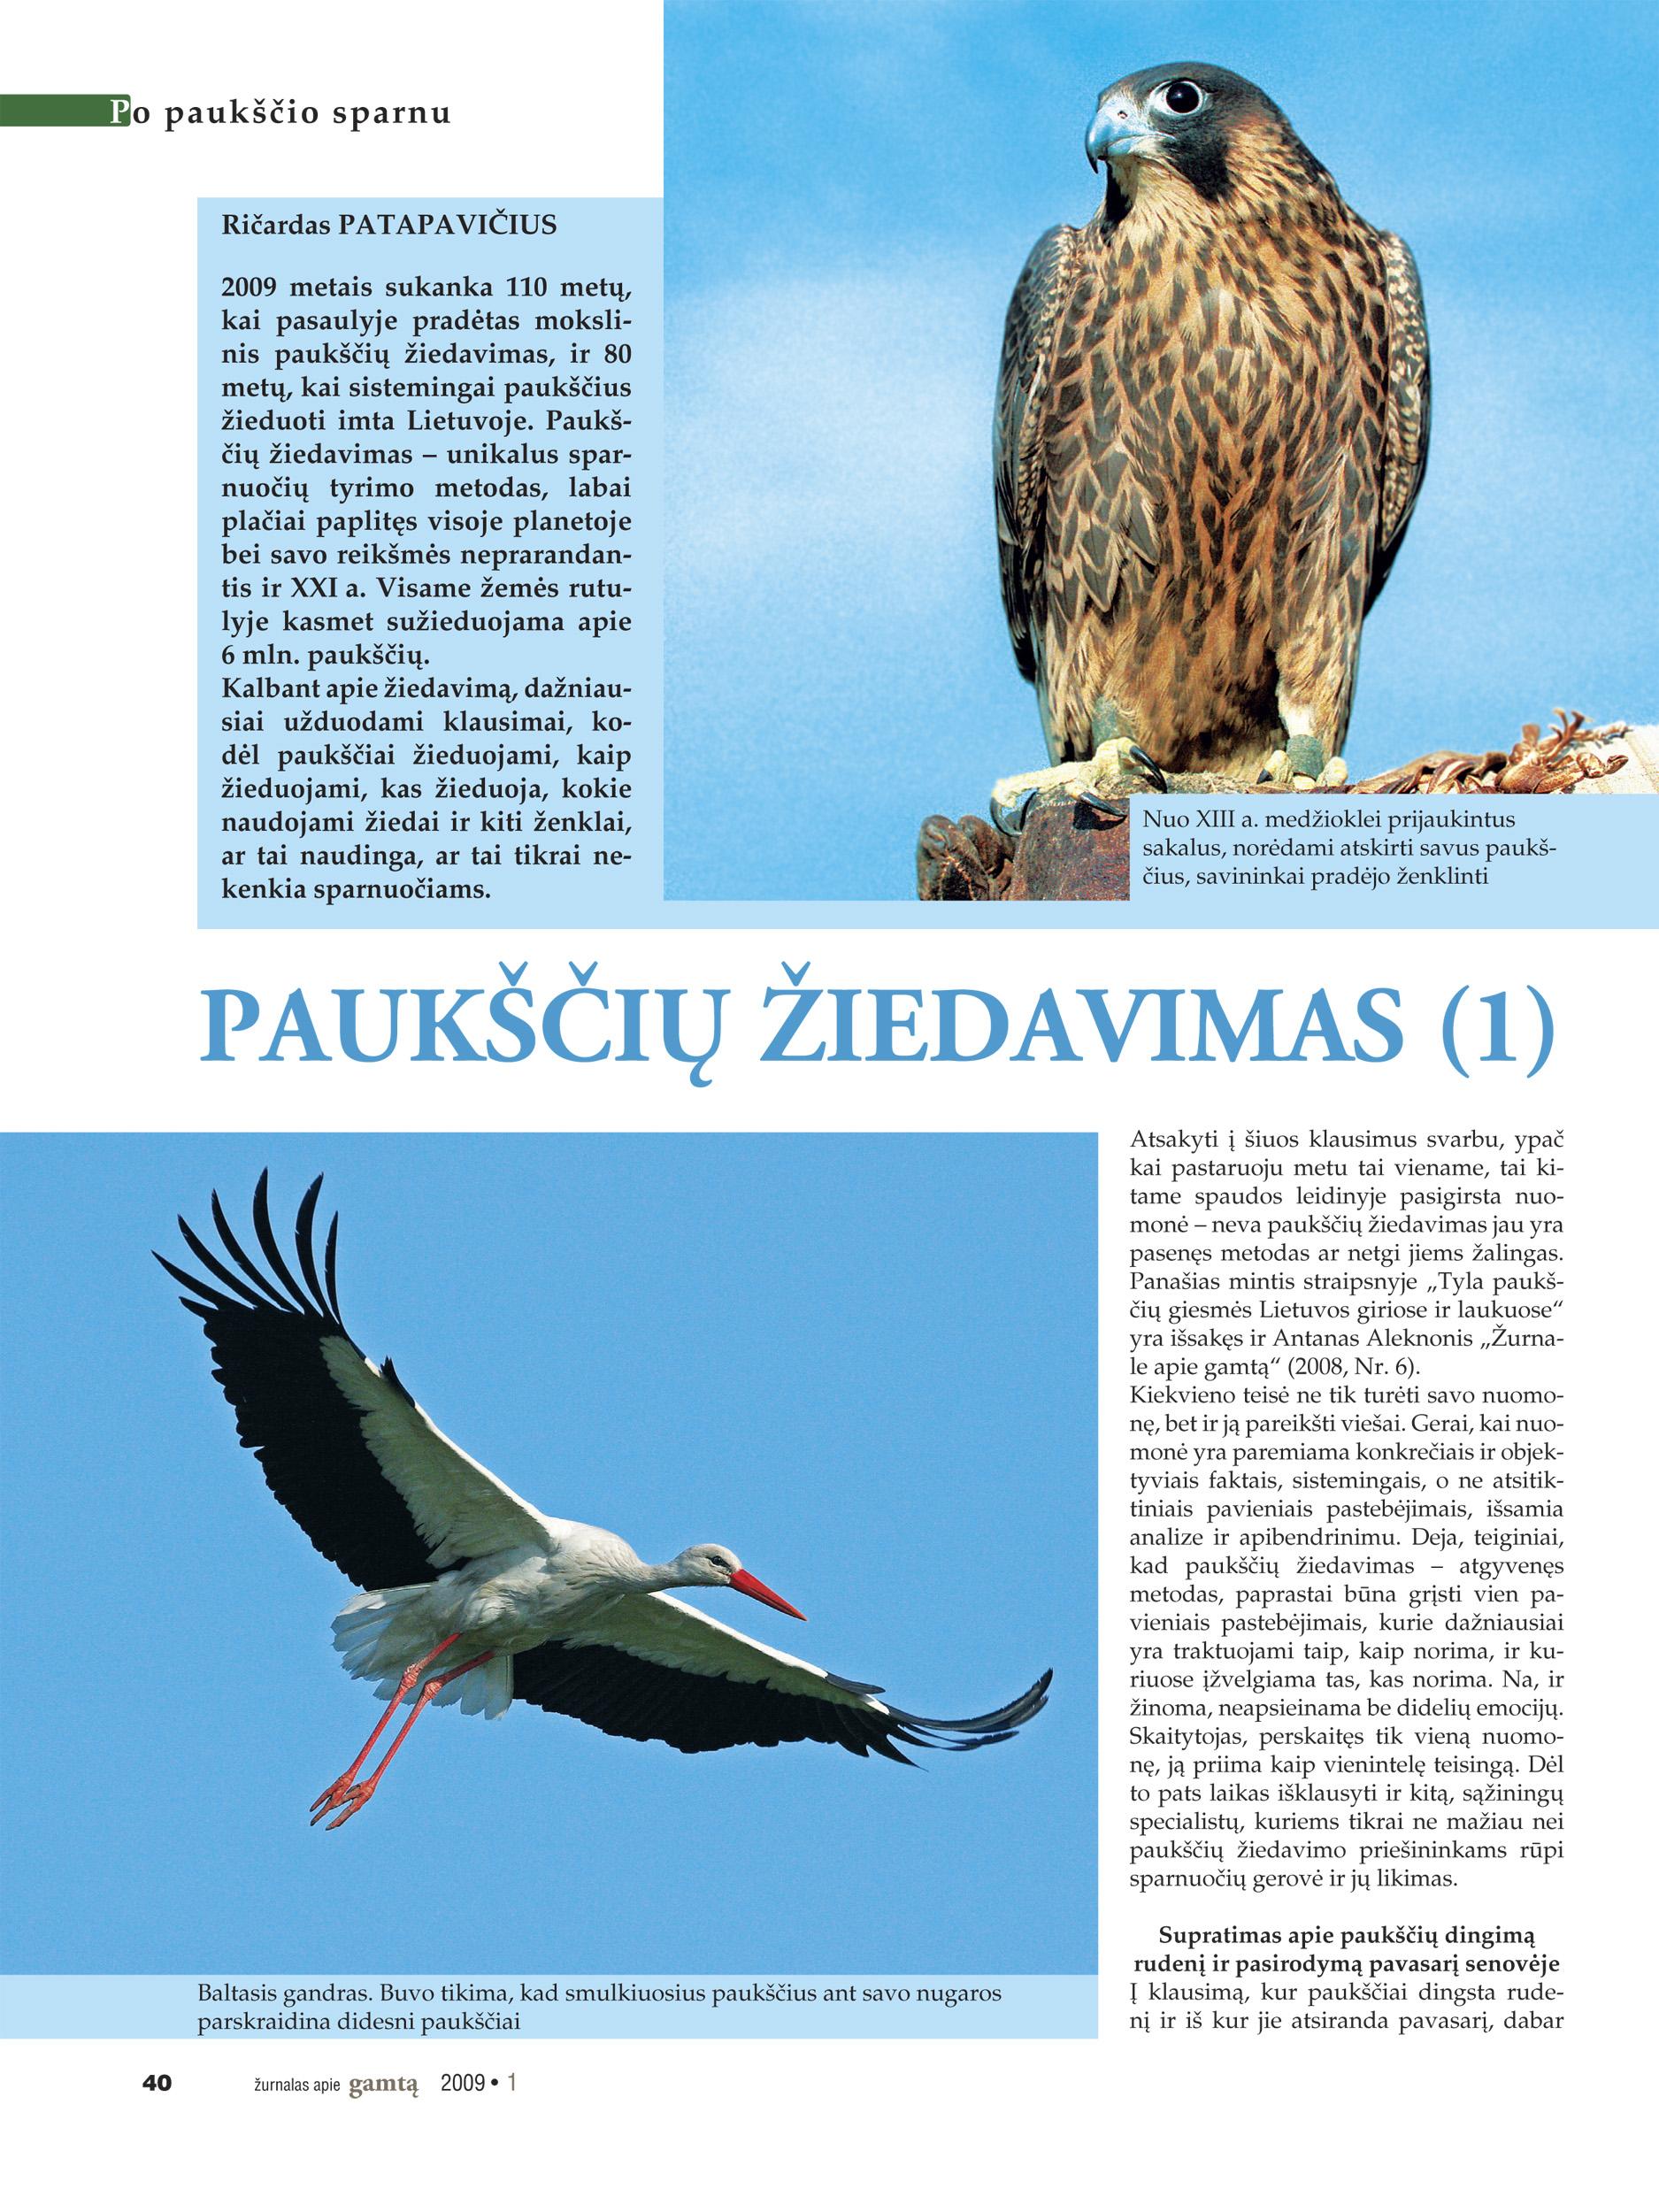 Zurnalas apie gamta 2009 nr1 new.indd